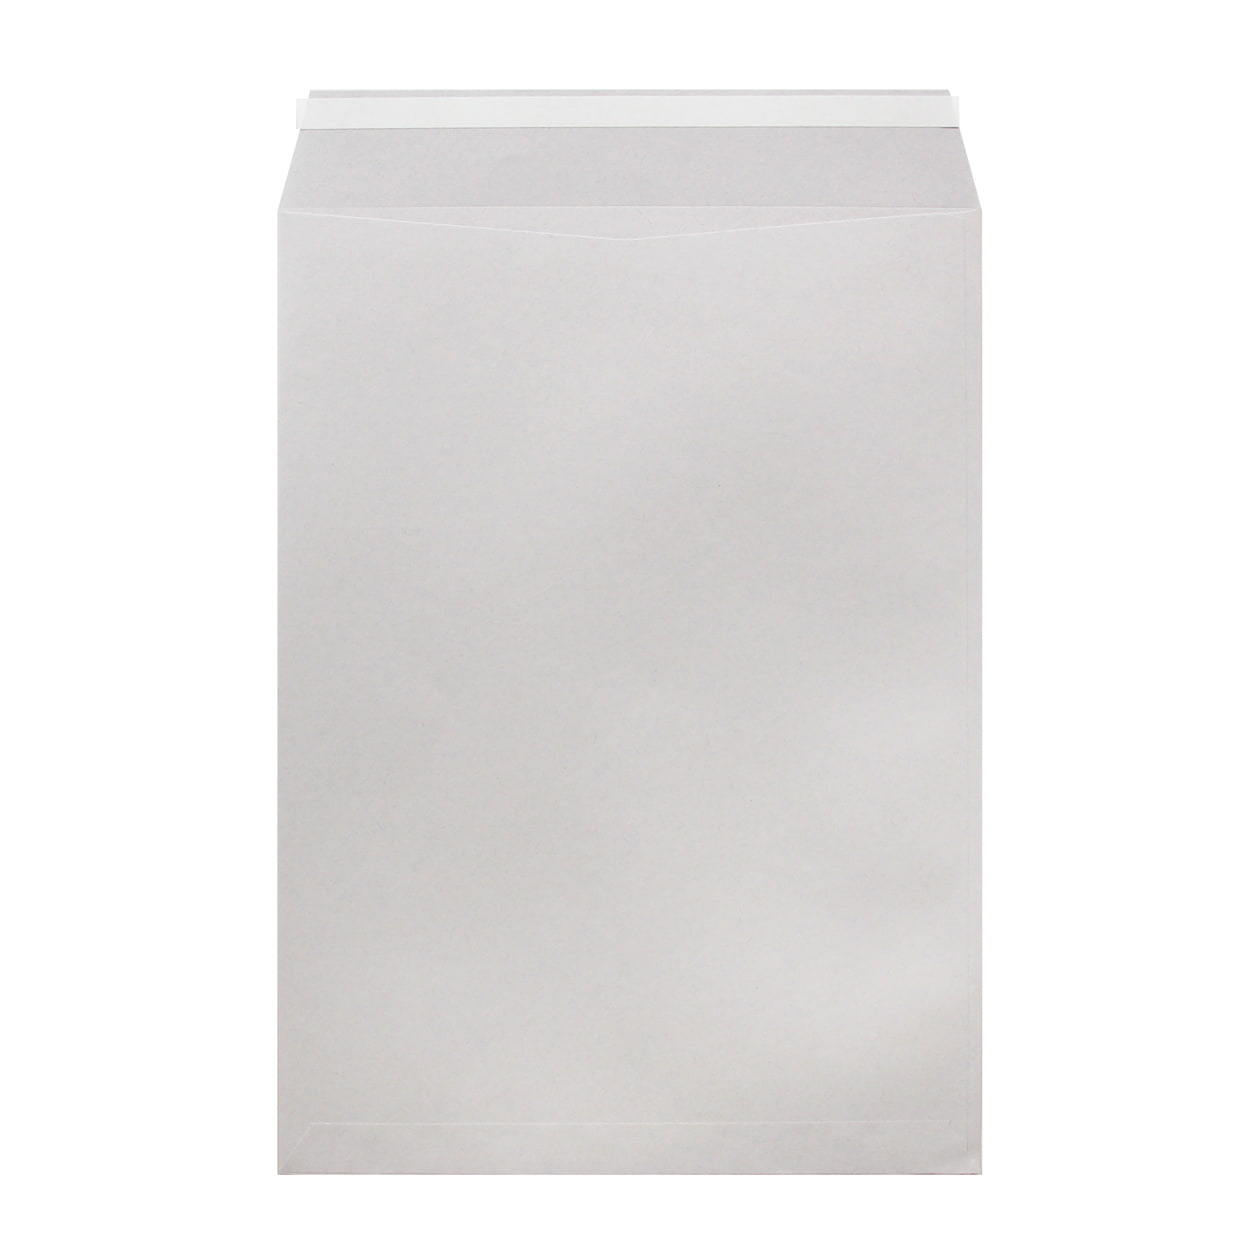 サンプル 封筒・袋 00165